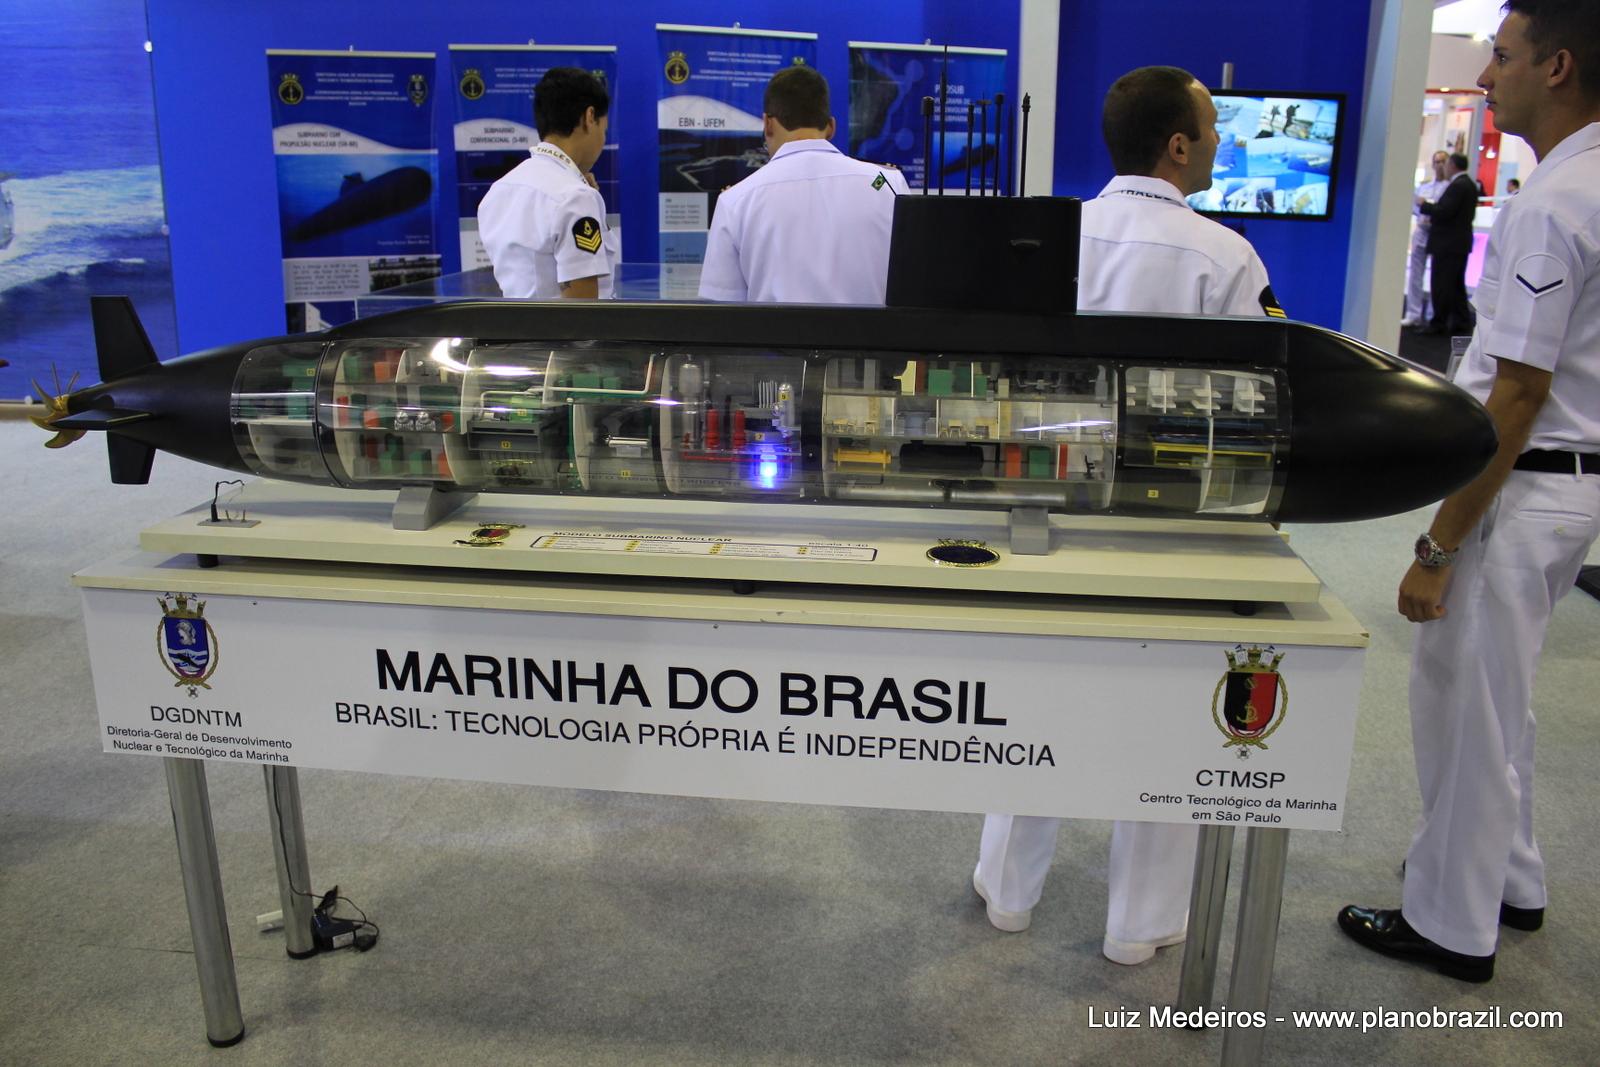 """Plano Brasil/MB/COGESN/SN-BR/Análise: """"Projeto Preliminar do SN-BR é concluído com sucesso. Fases subsequentes: 'detalhamento e construção do SN-BR'."""""""